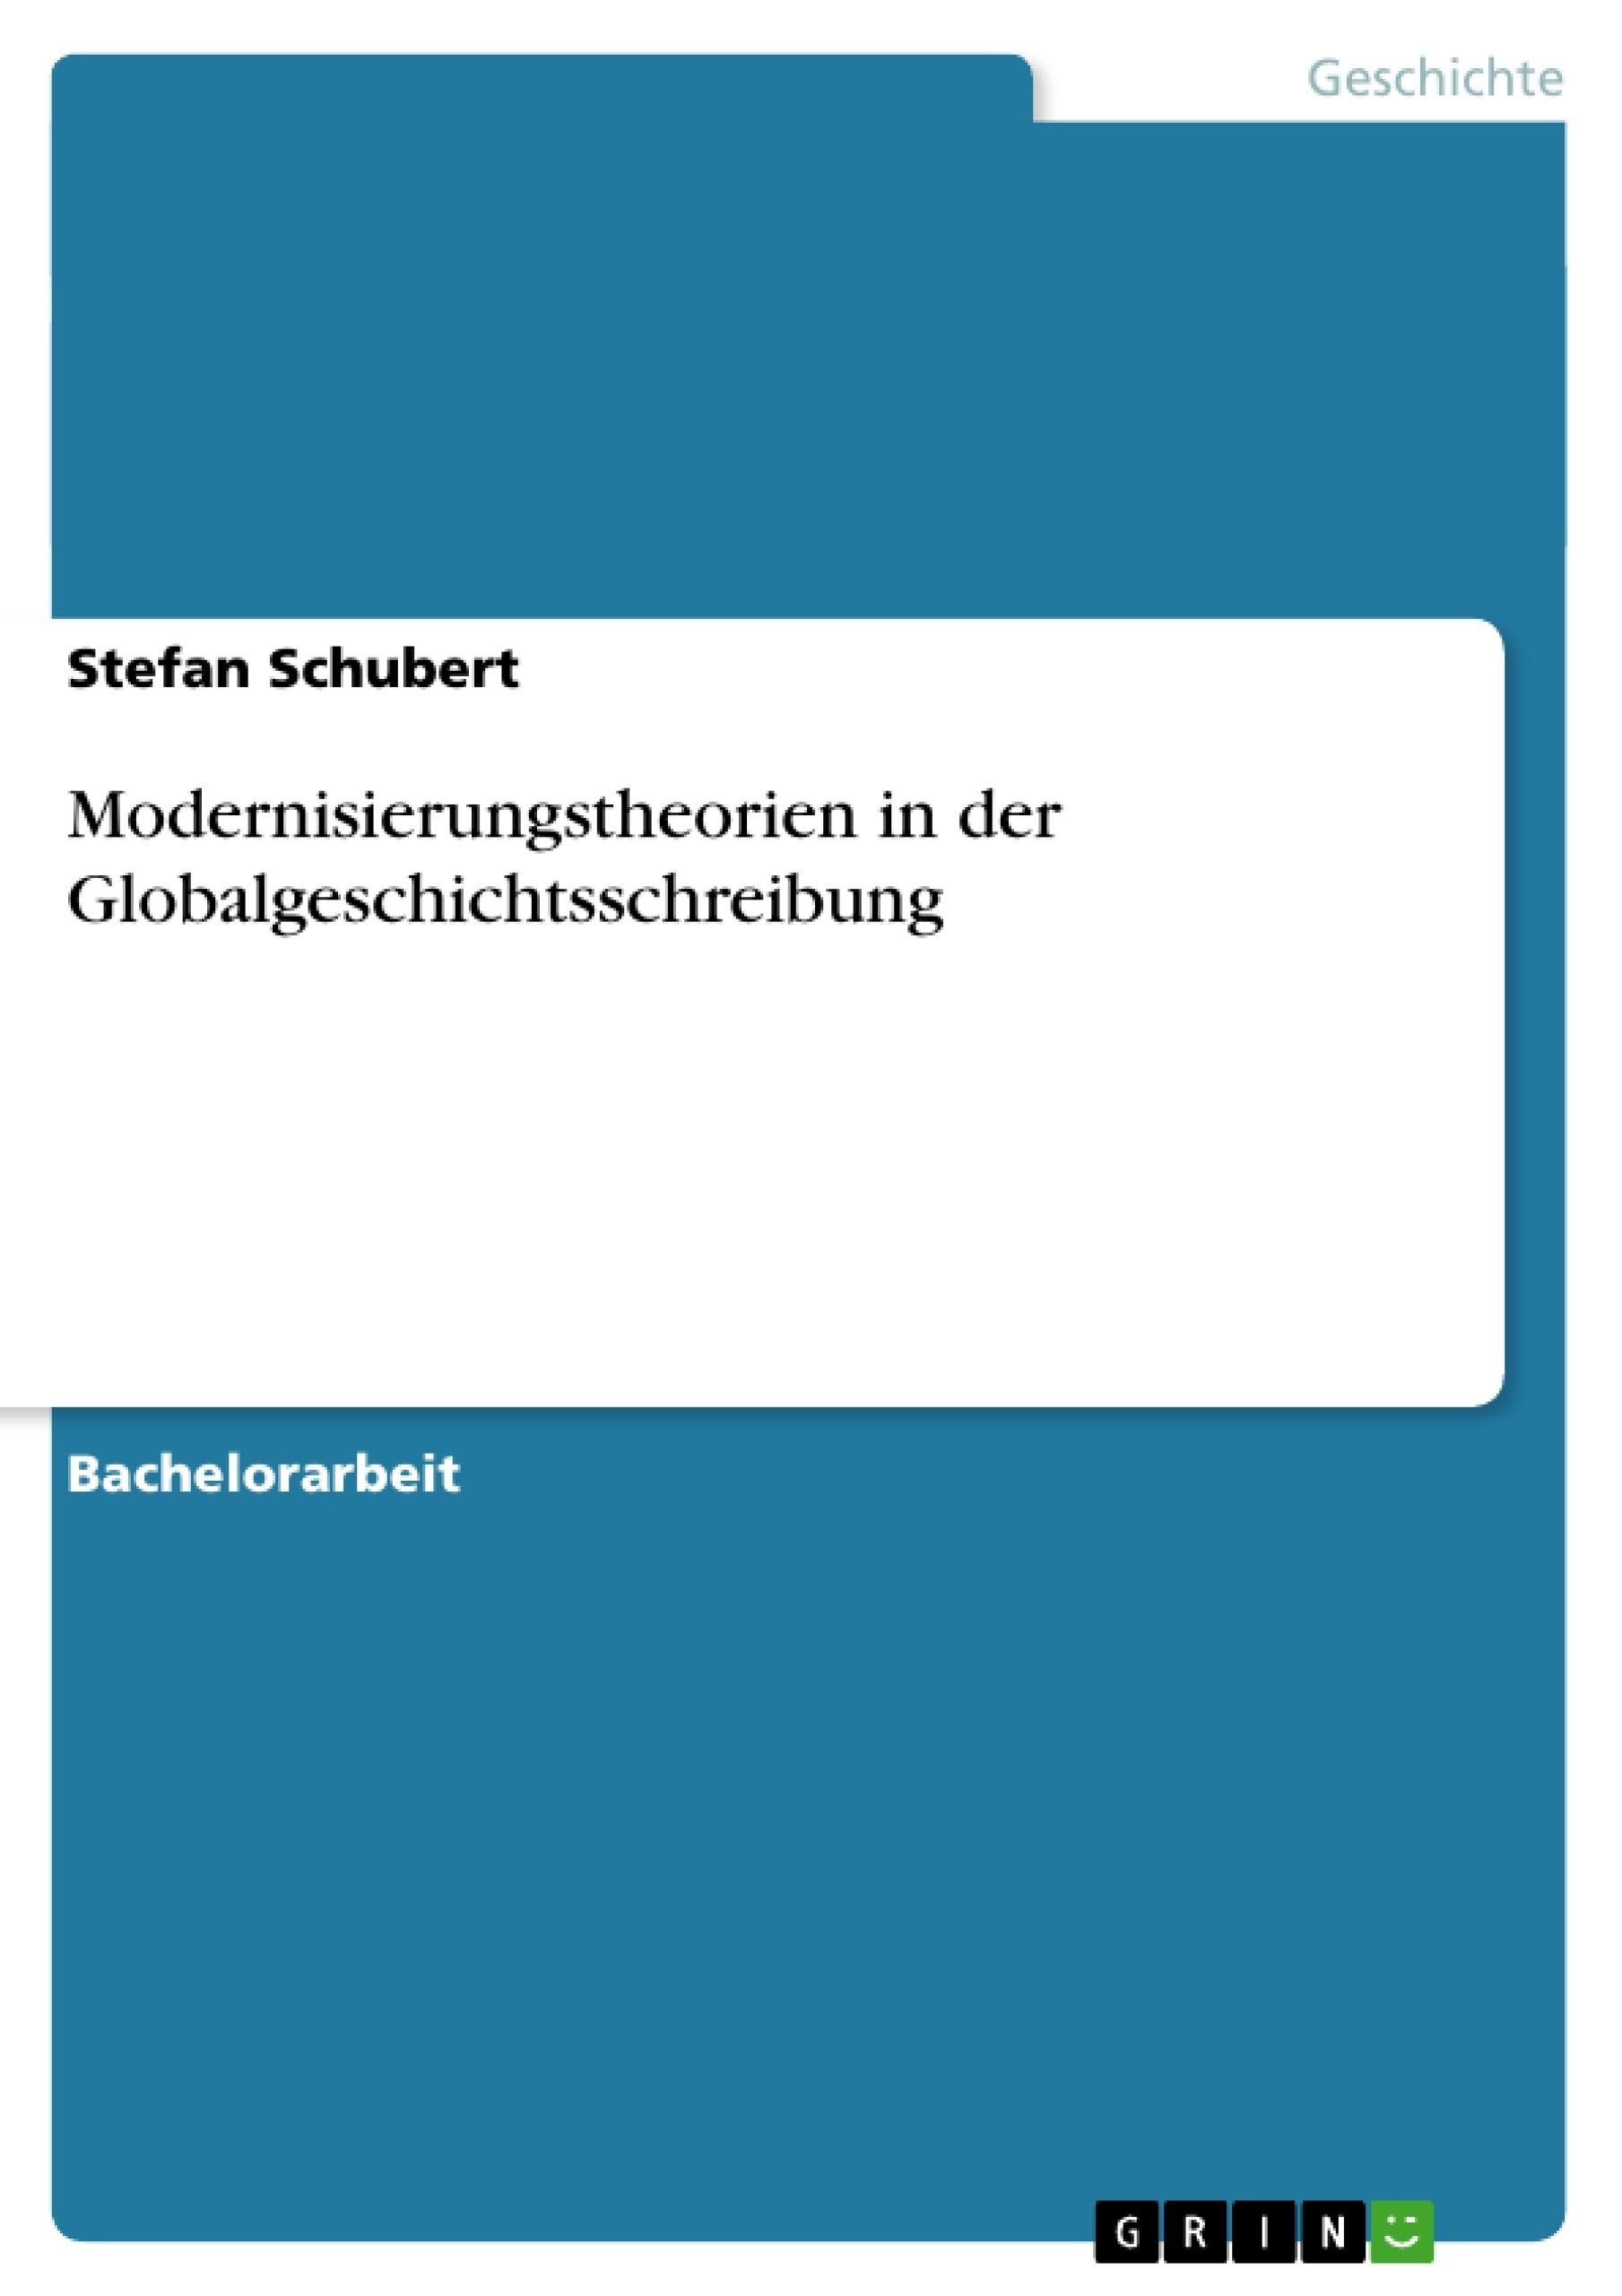 Titel: Modernisierungstheorien in der Globalgeschichtsschreibung